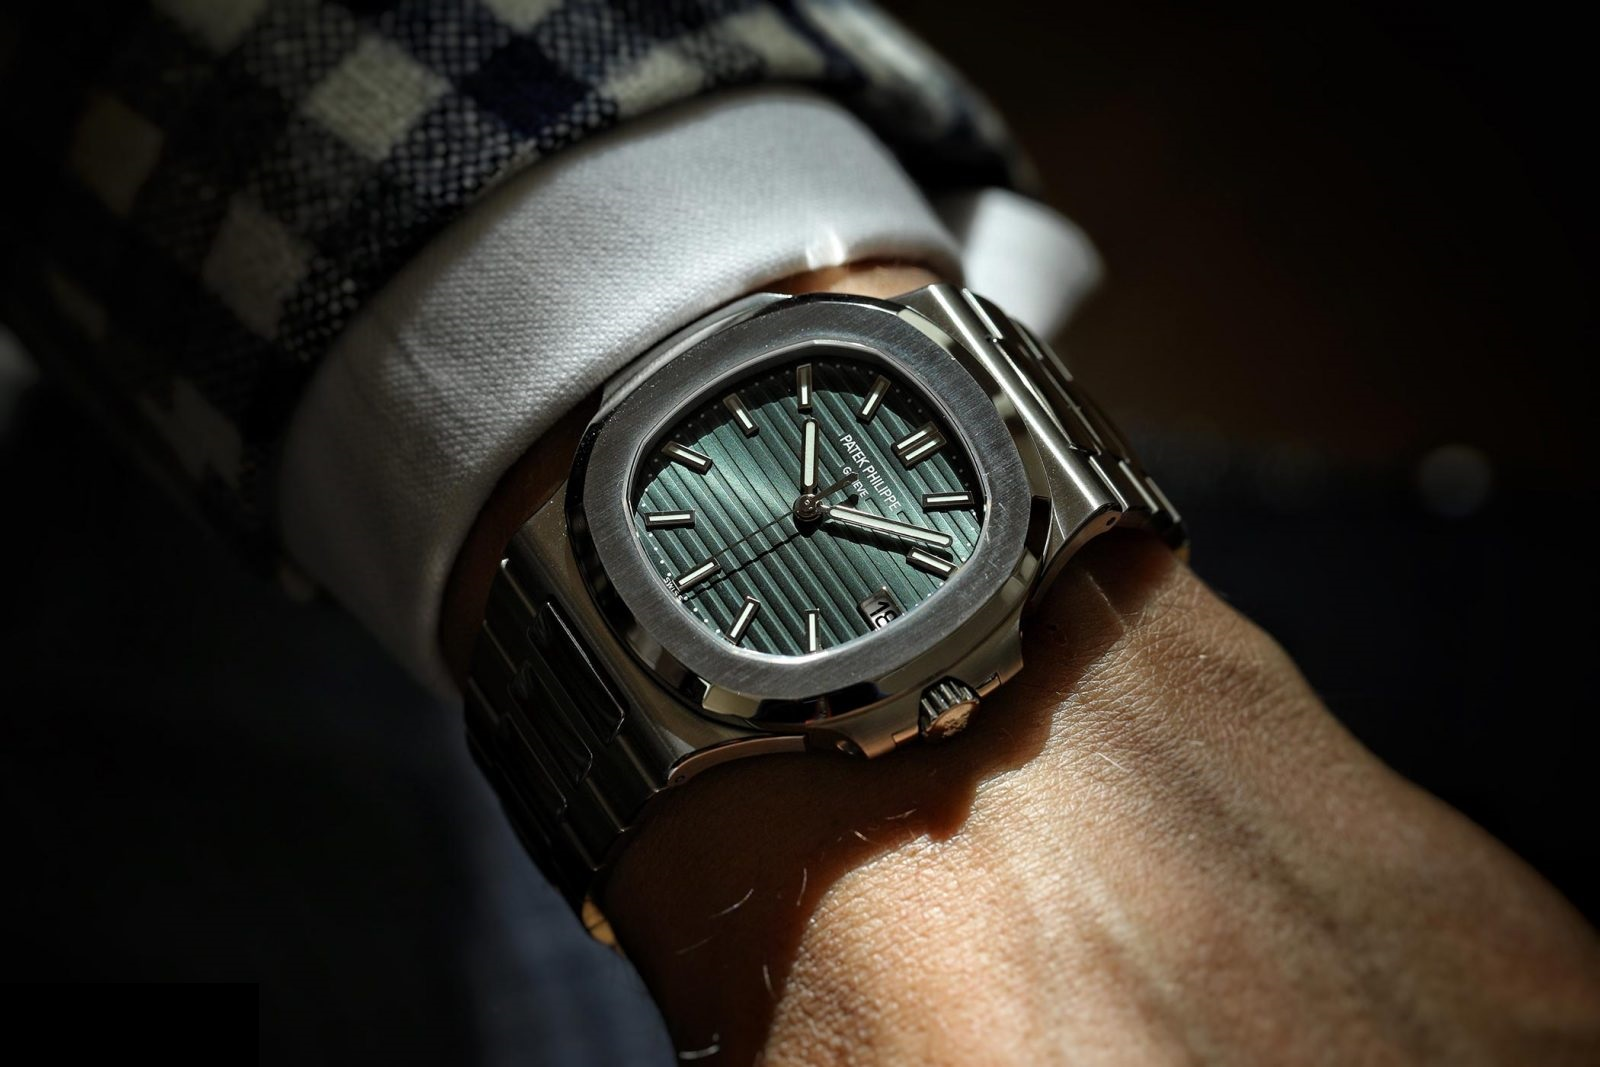 Điểm danh 5 thương hiệu đồng hồ đắt giá nhất hiện nay